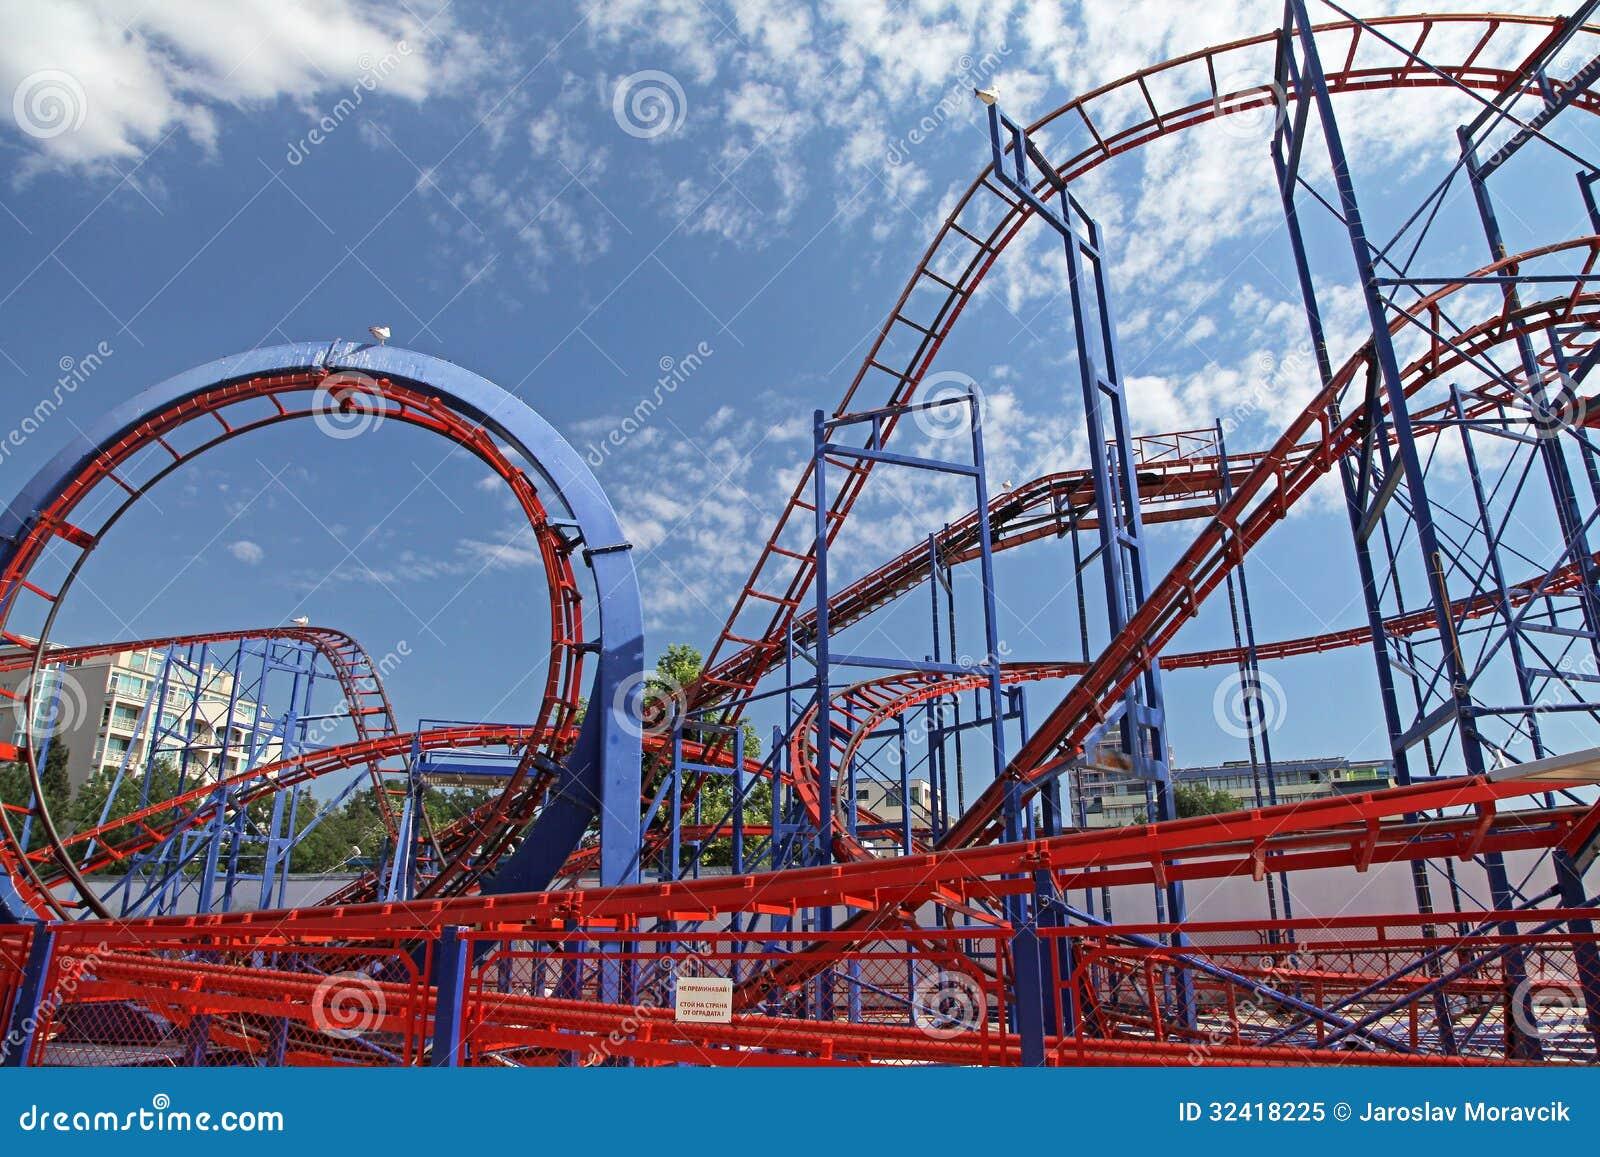 beach roller coaster - photo #33